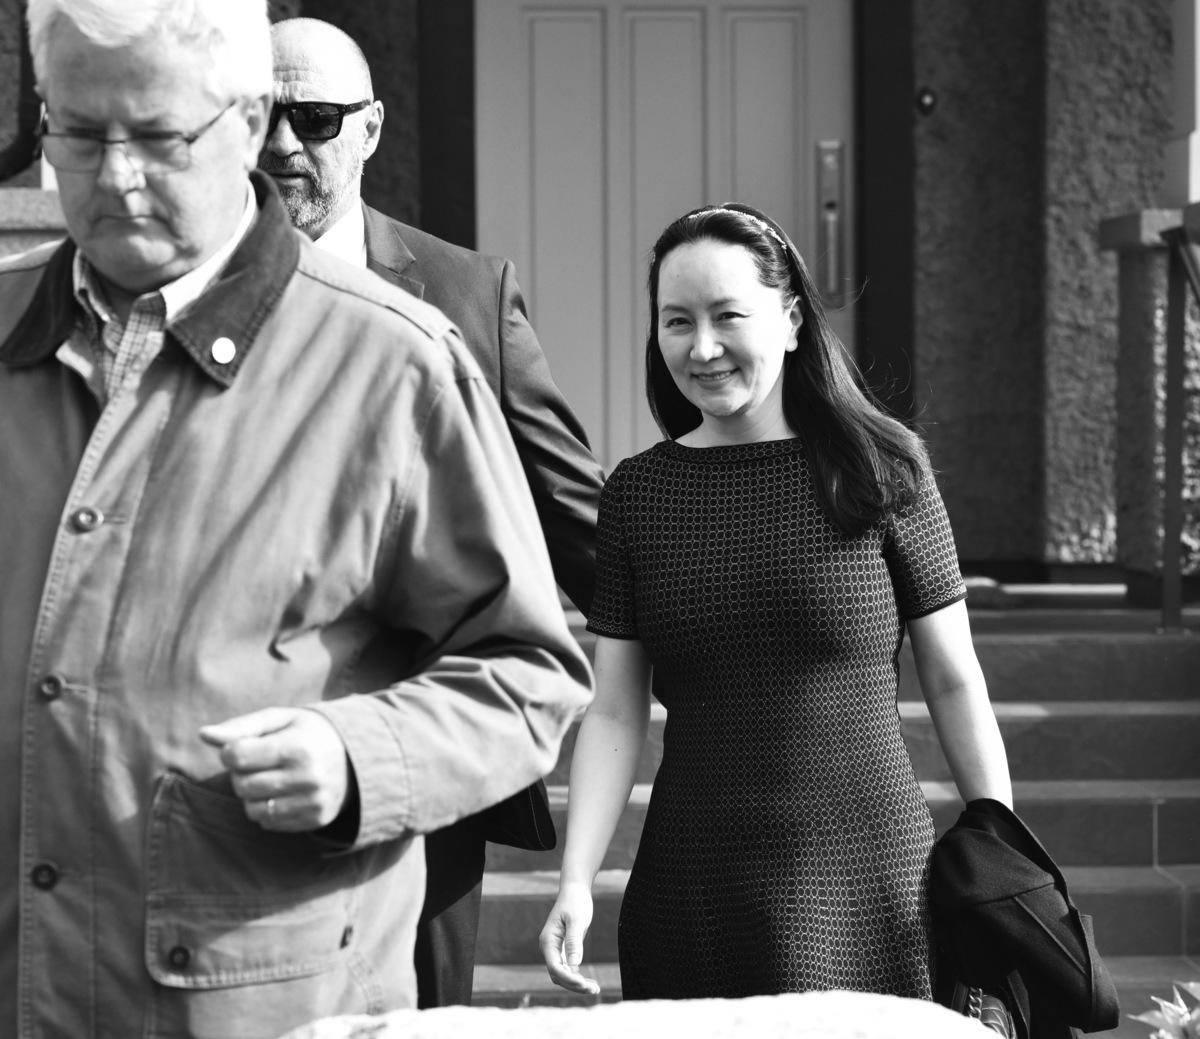 華為首席財務官孟晚舟周三(5月8日)在加拿大溫哥華最高法院出庭,以確定引渡聽證日期。(Don MacKinnon/AFP)